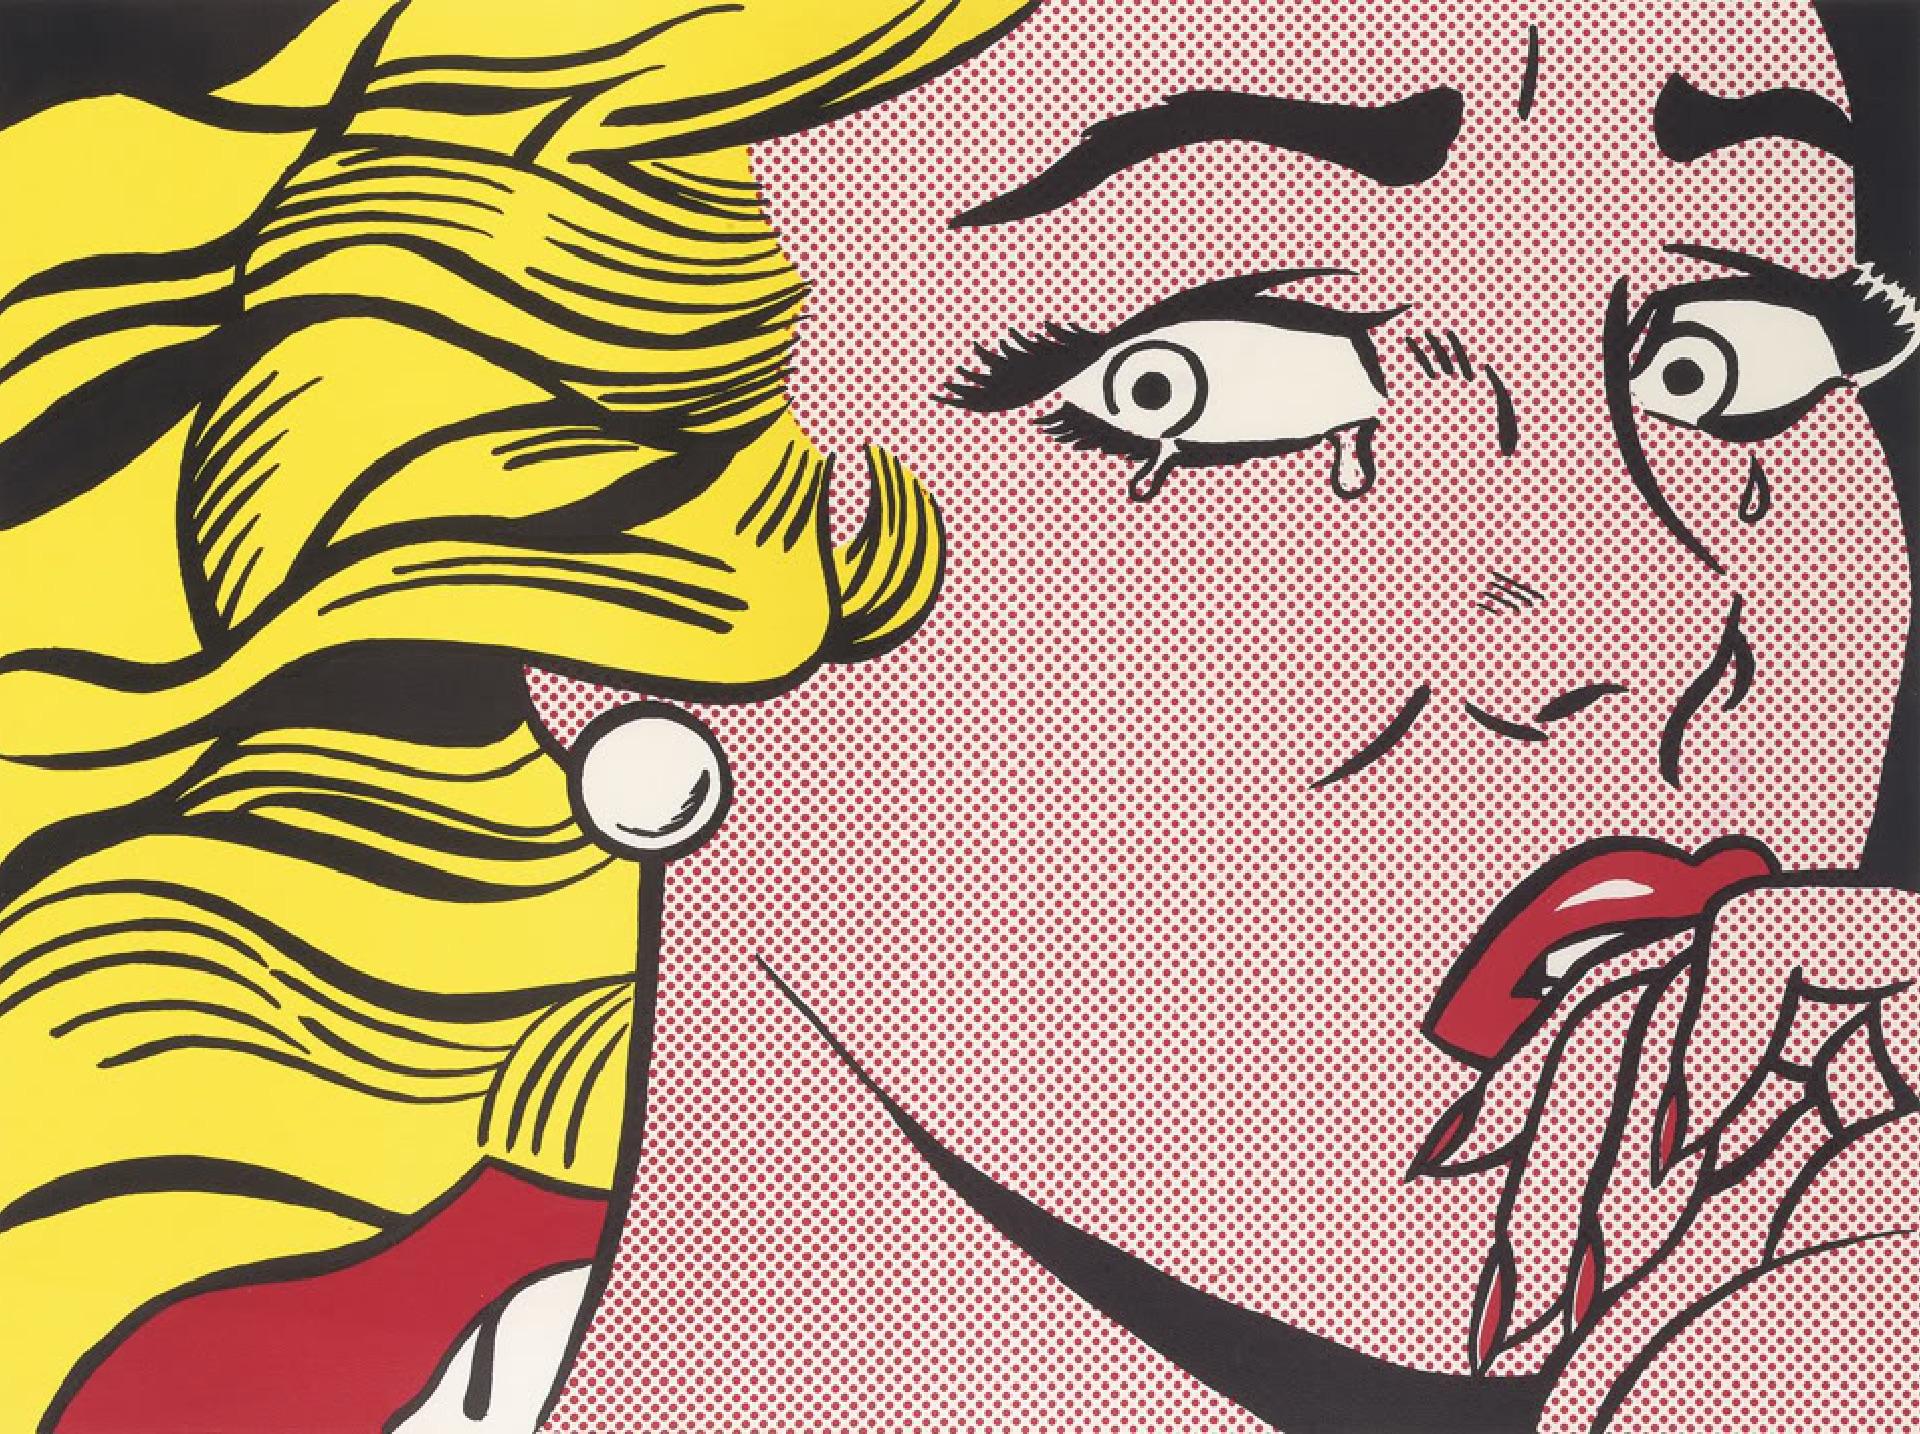 Kunstwerk Crying Girl des Künstlers Roy Lichtenstein kaufen